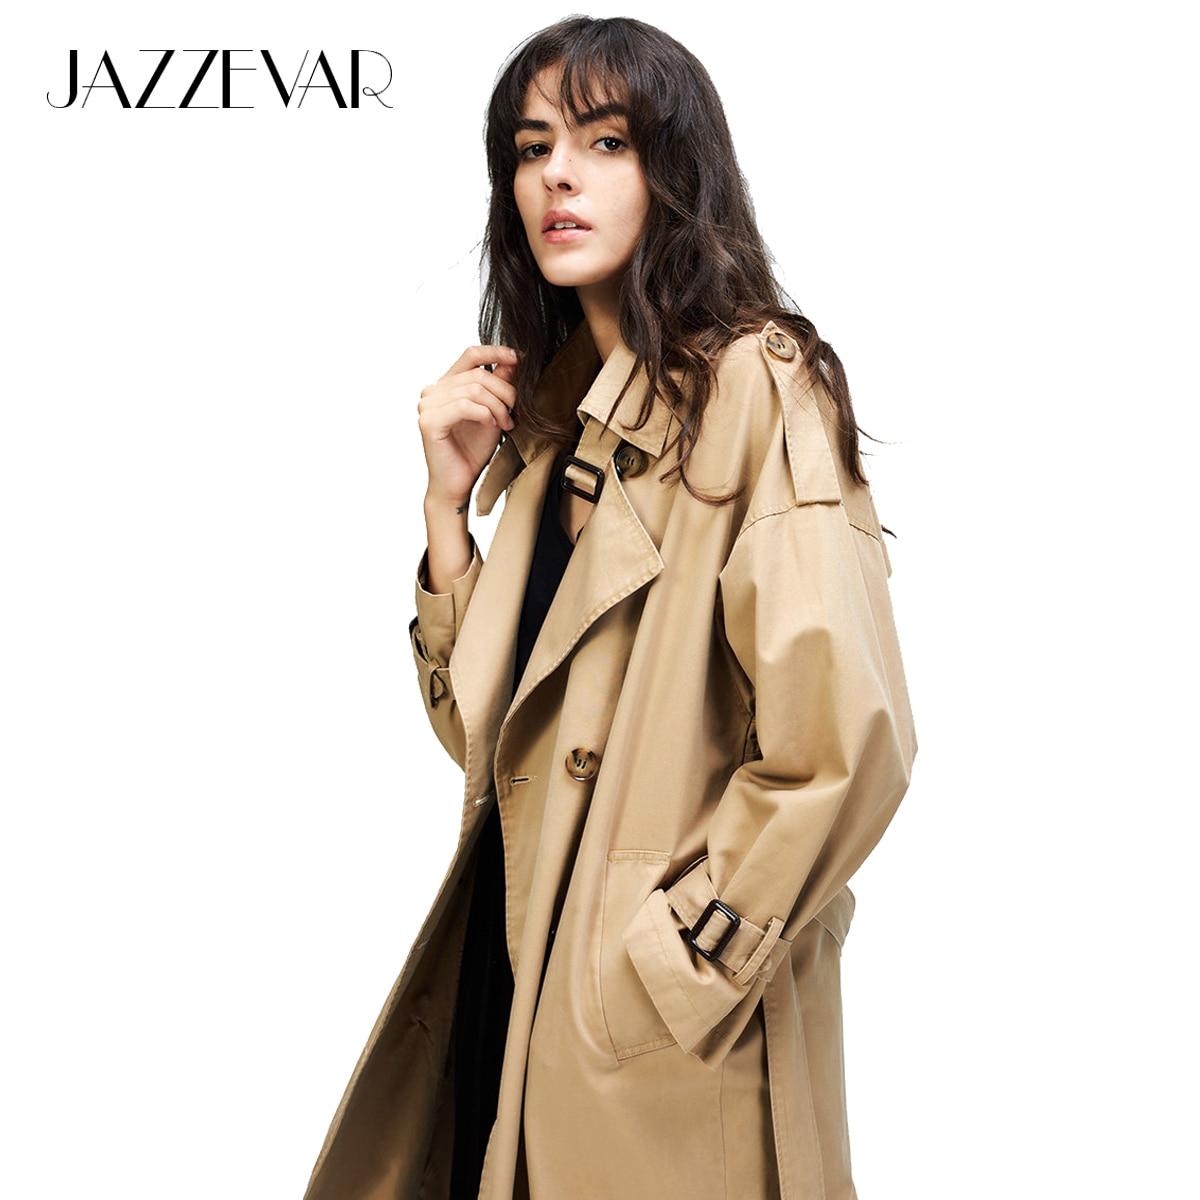 JAZZEVAR 2019 Новый осенний женский тренч повседневный двубортный винтажный выстиранная верхняя одежда свободная одежда тренч длинный|casual trench coat|trench coat|coat trench coat - AliExpress